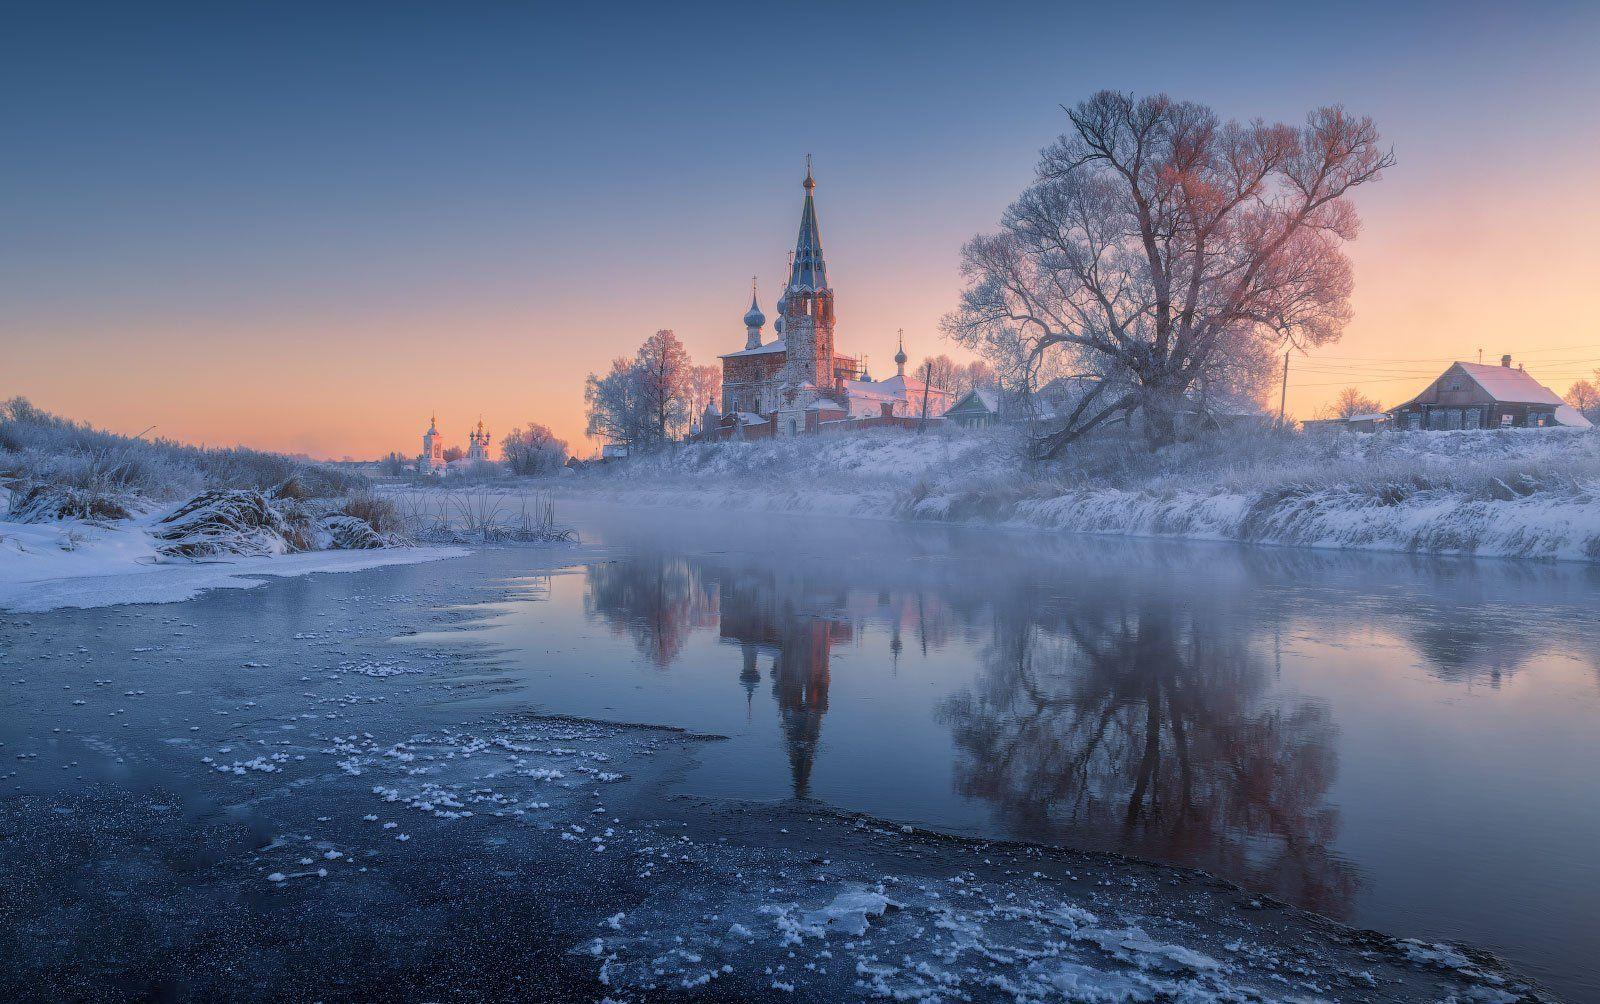 дунилово, село, ивановская область, река, теза, мороз, иней, отражения, храм, Дубровинский Михаил